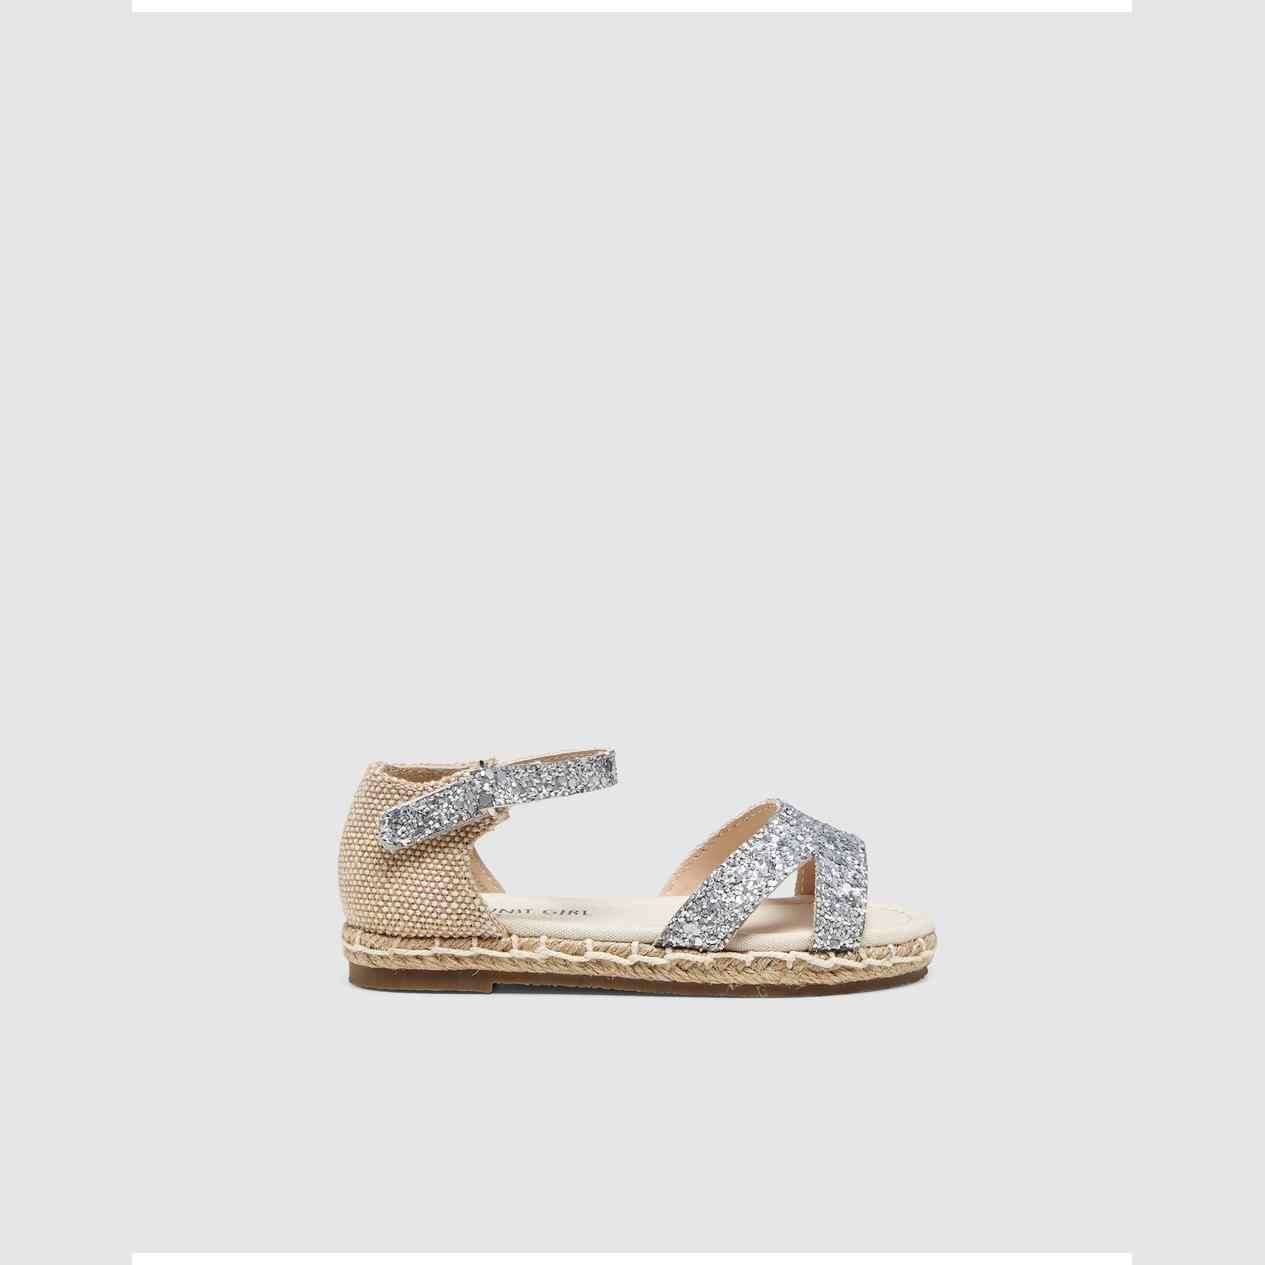 UNIT NINA SANDALS сандалии джутовые серебряные